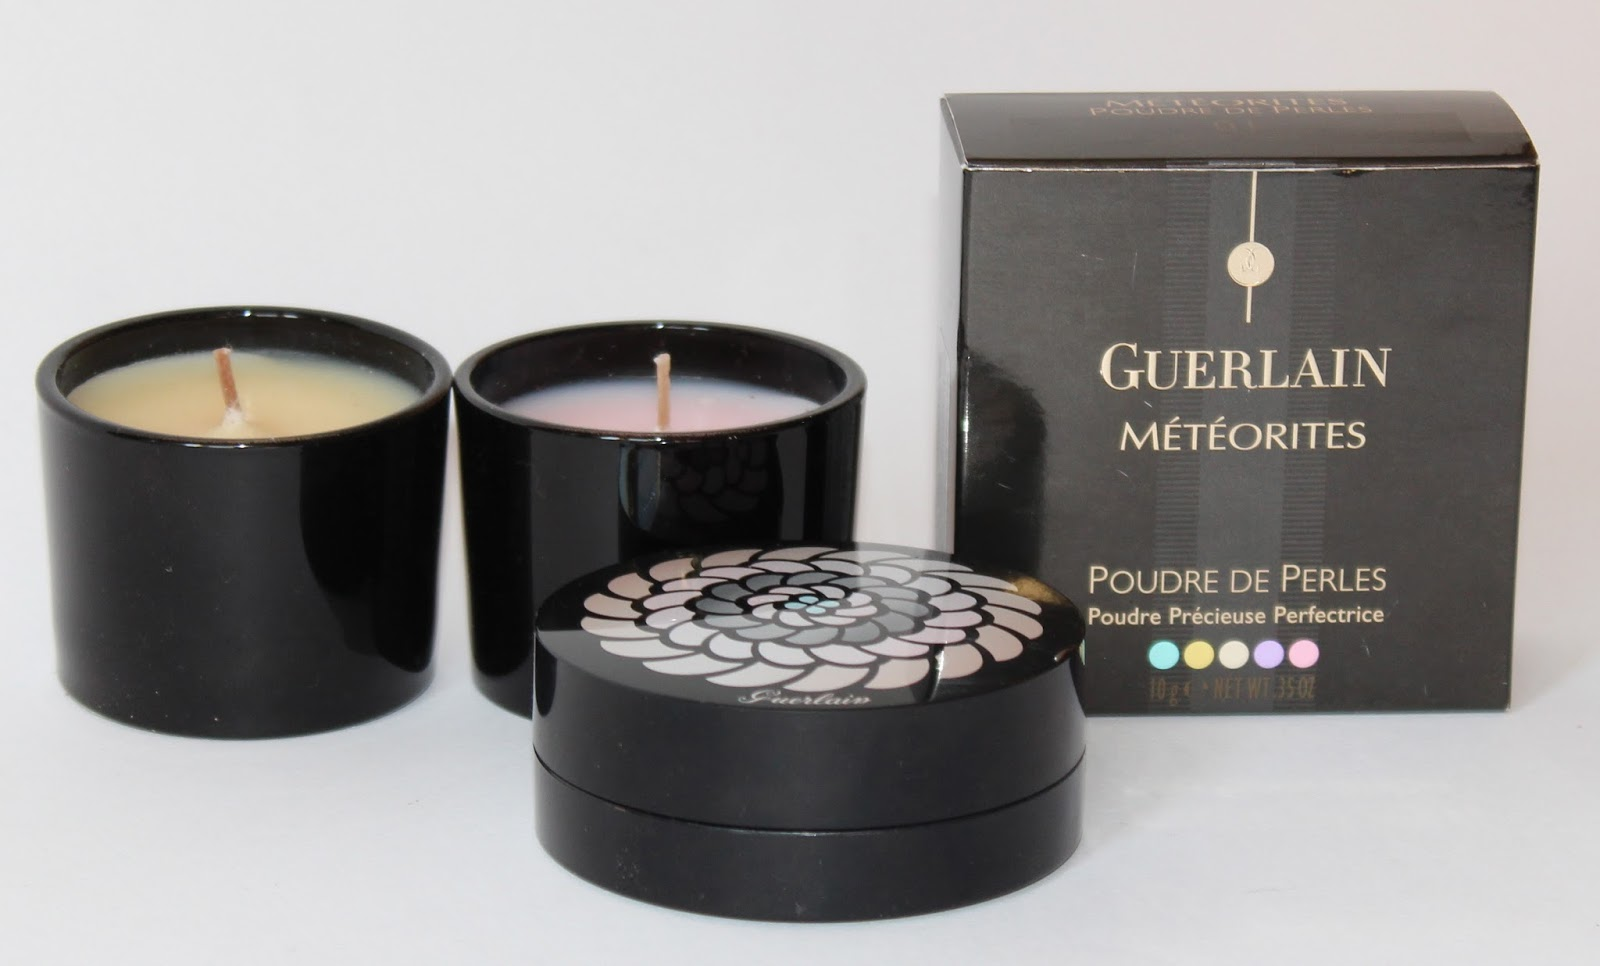 Guerlain Meteorites Poudre De Perles 01 Mythyc Parfait